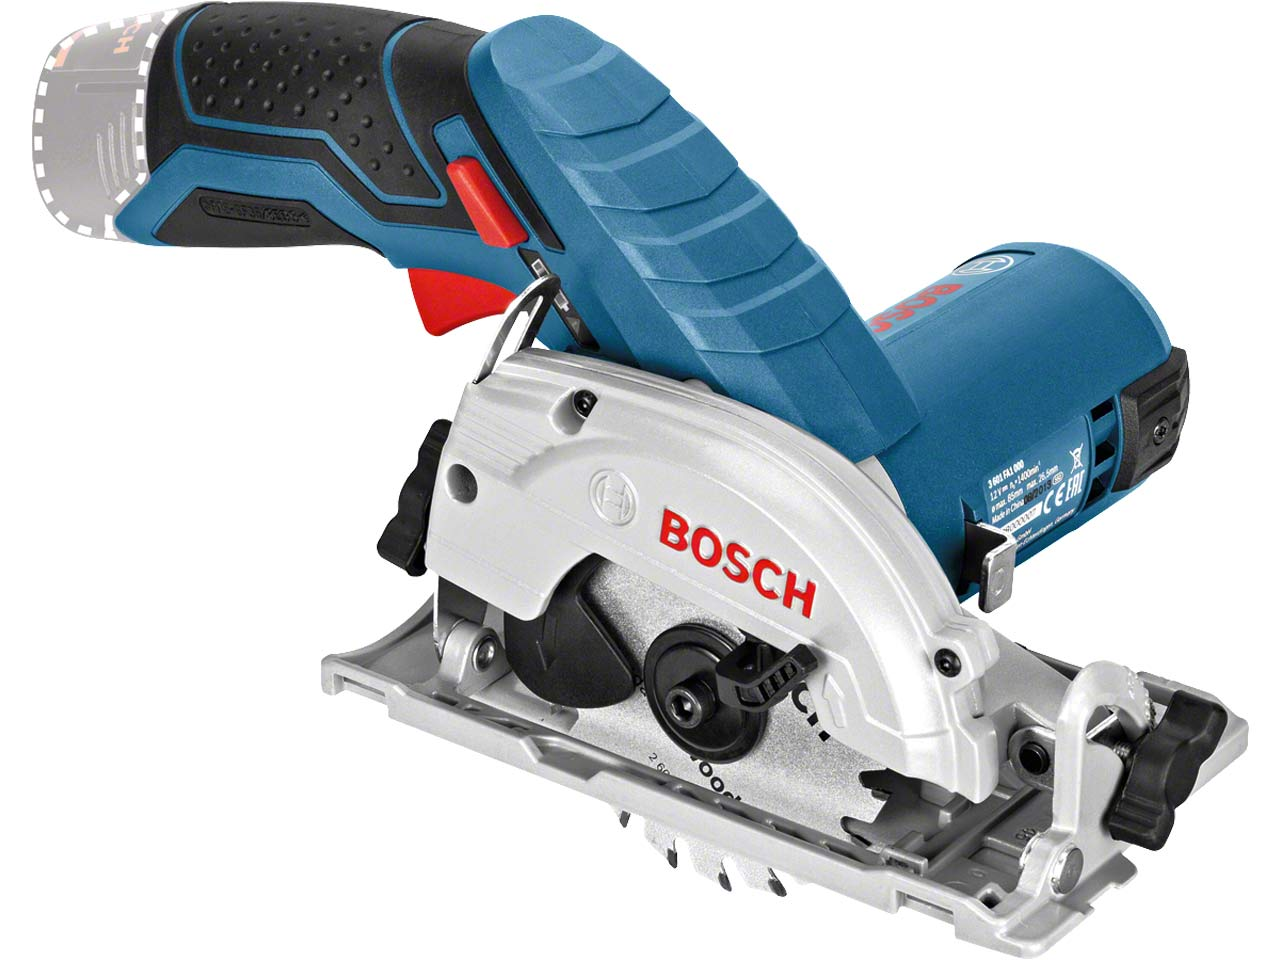 Bosch_06016A1001.jpg